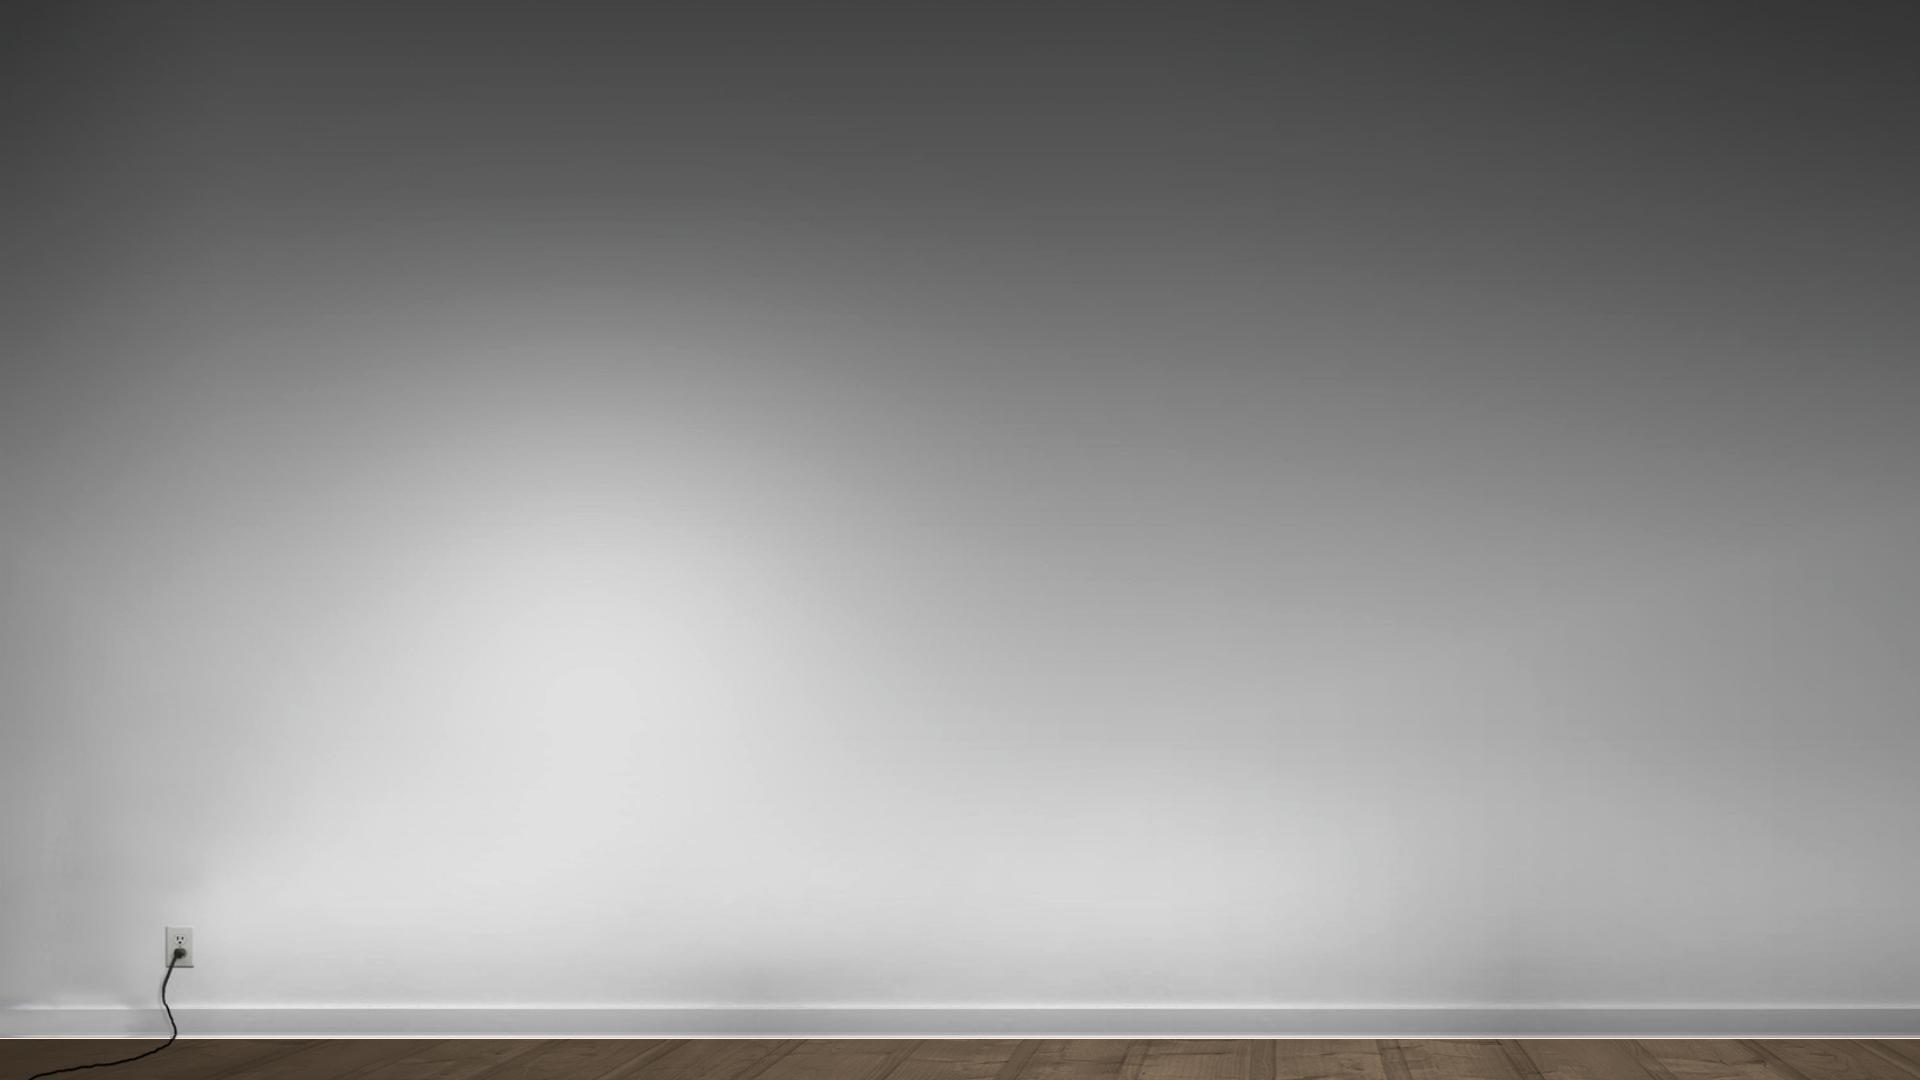 Minimal wallpaper hd wallpaper minimalism pinterest wallpaper